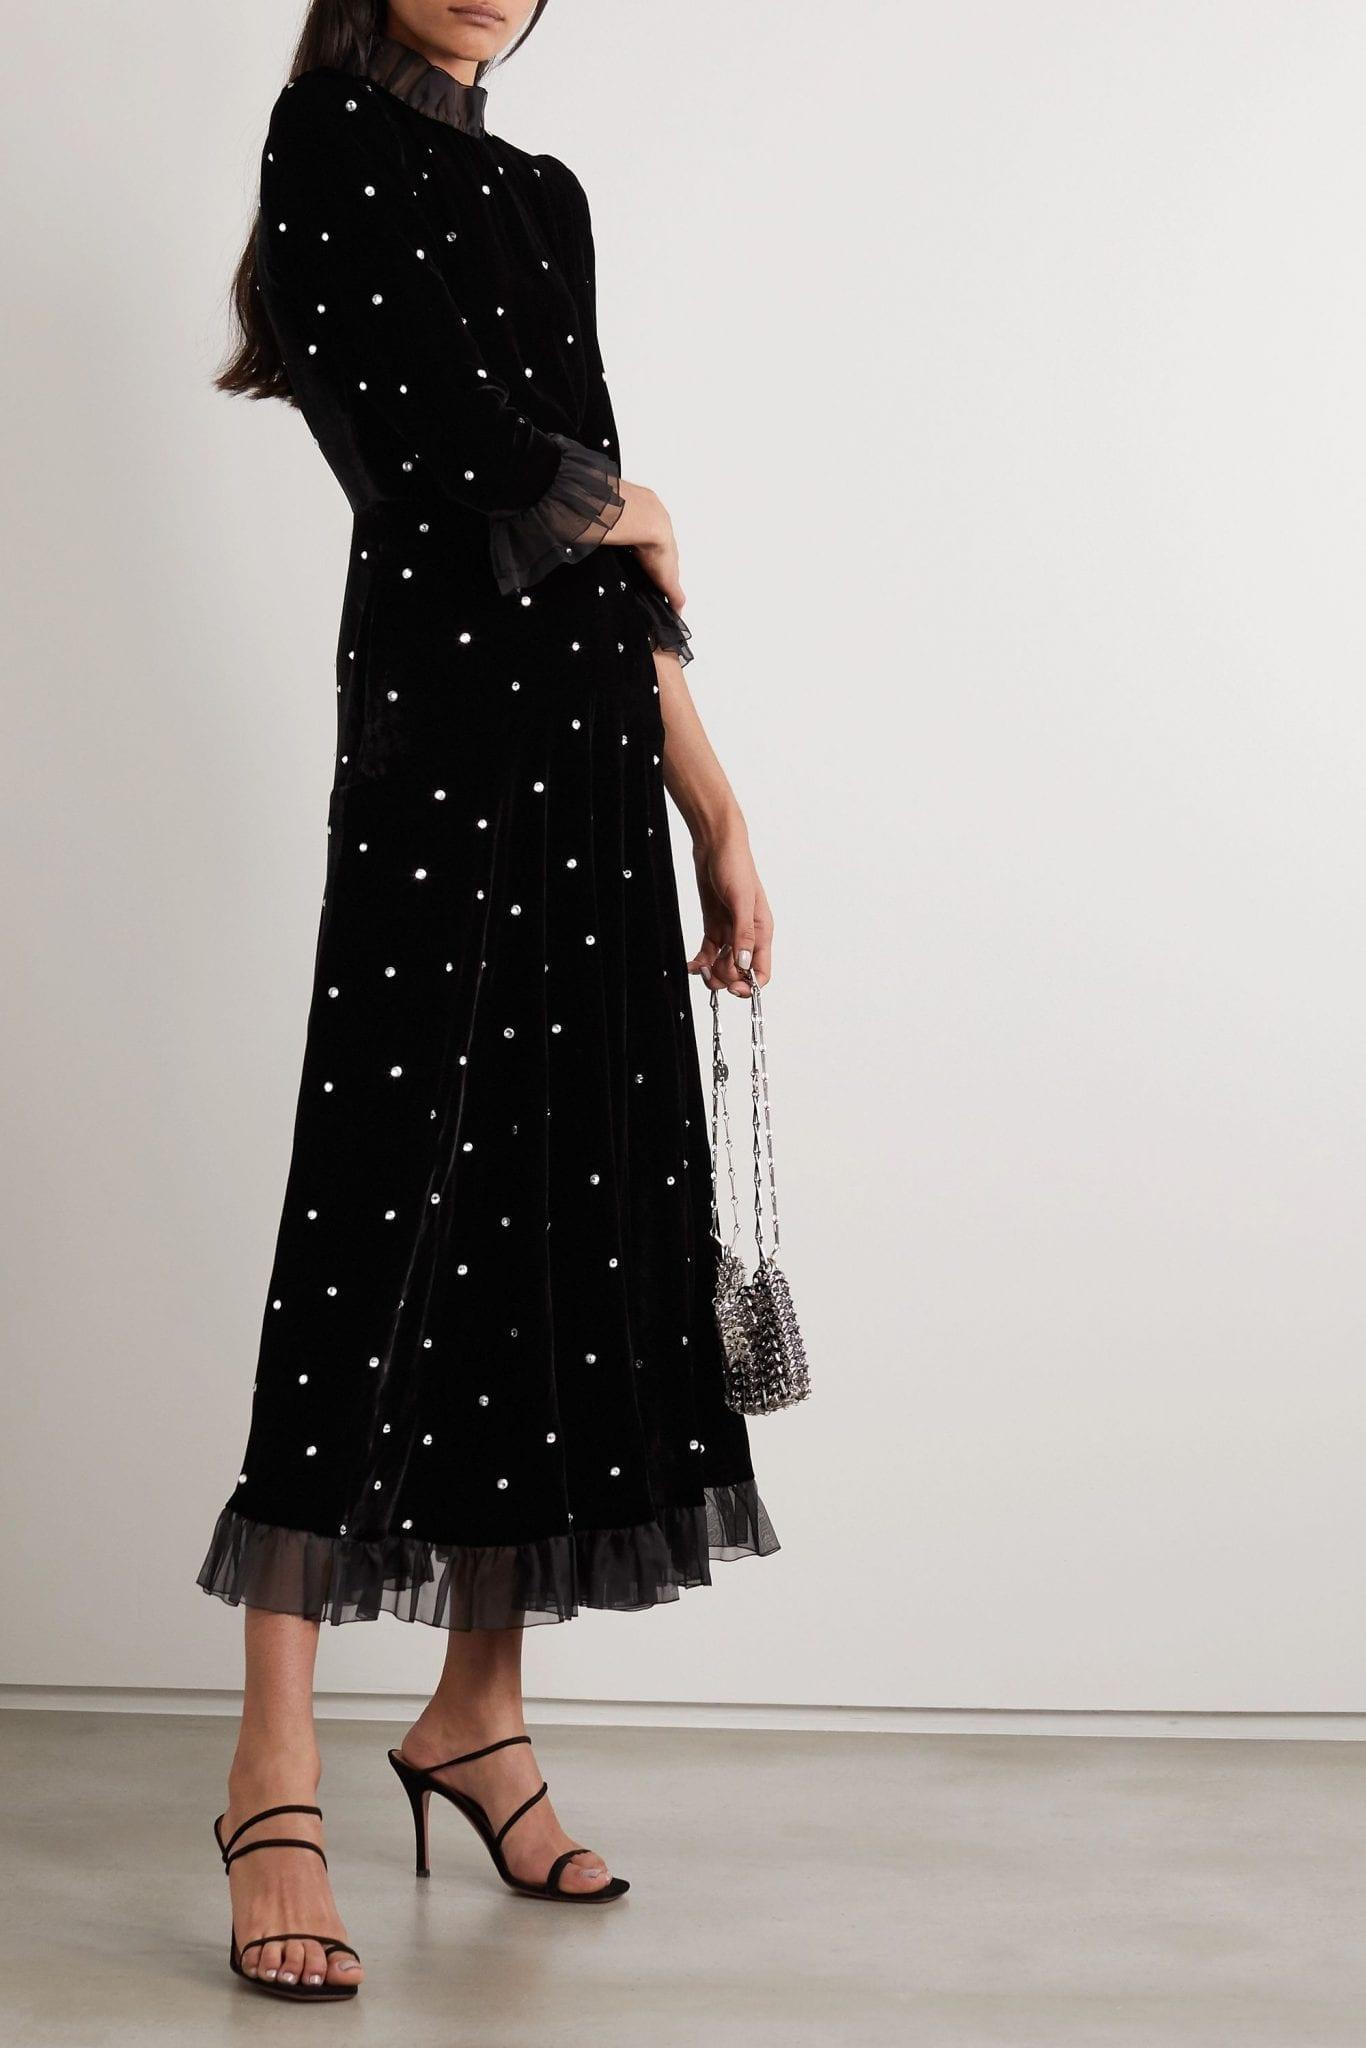 PHILOSOPHY DI LORENZO SERAFINI Tulle-trimmed Crystal-embellished Velvet Midi Dress